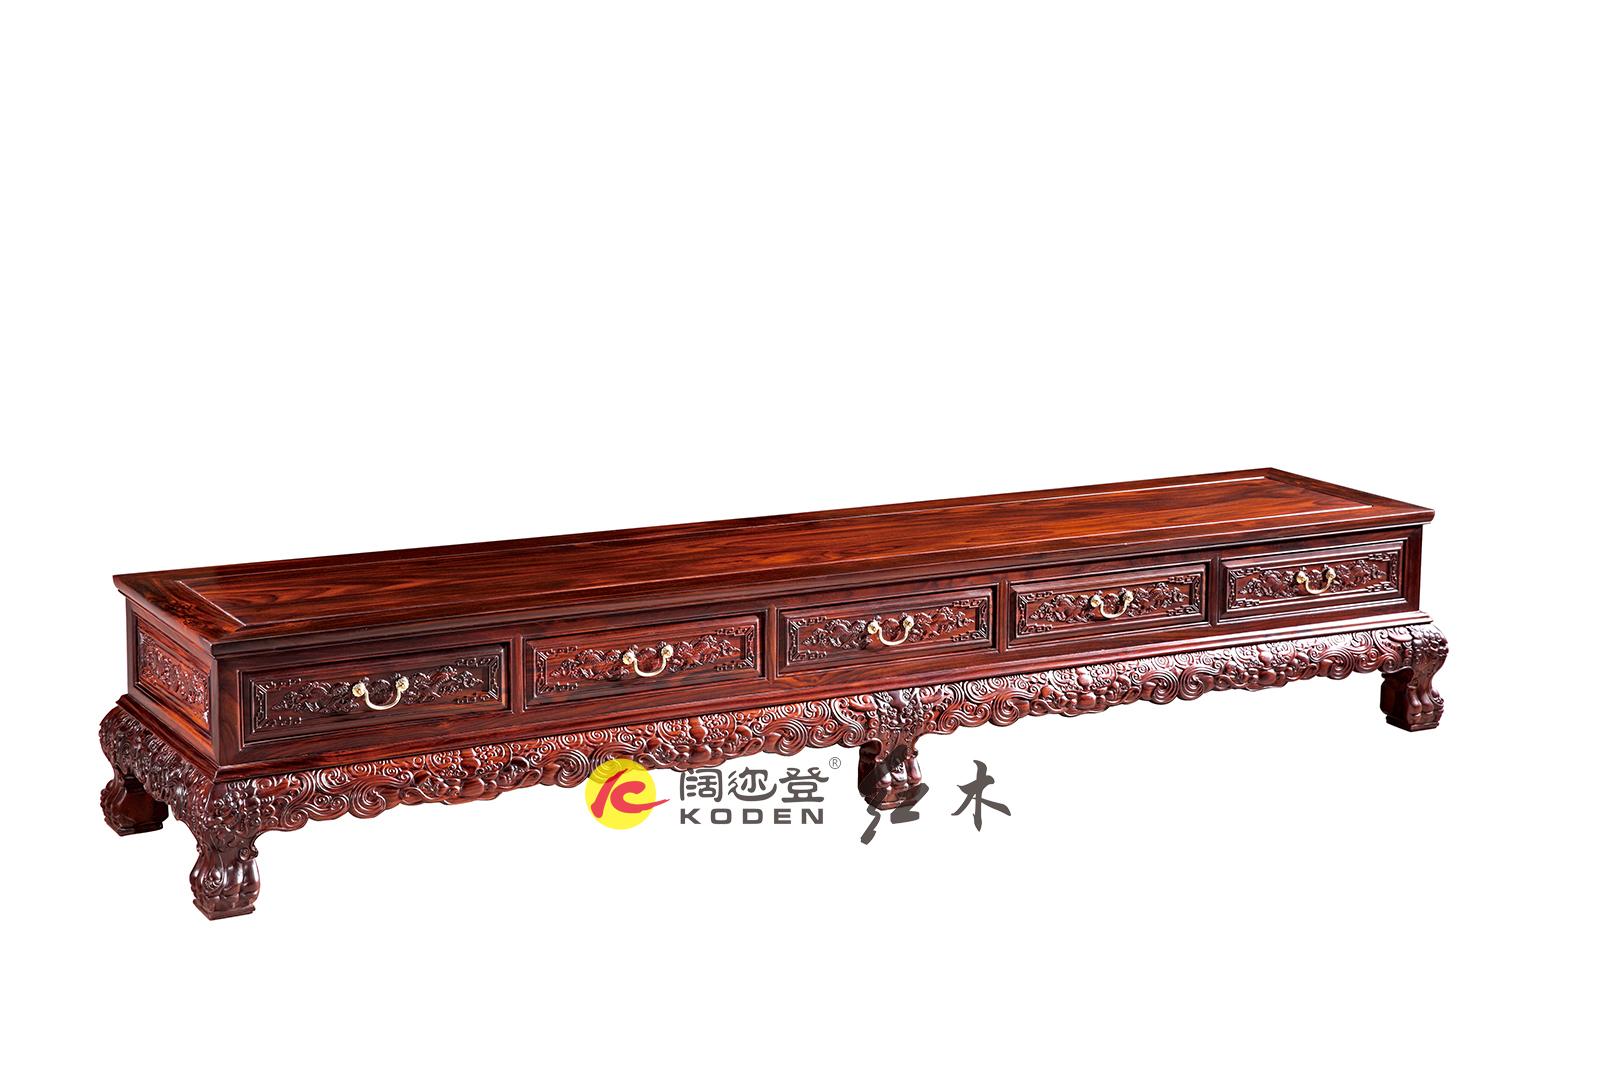 阔叶黄檀-DSG麒麟电视柜拷贝